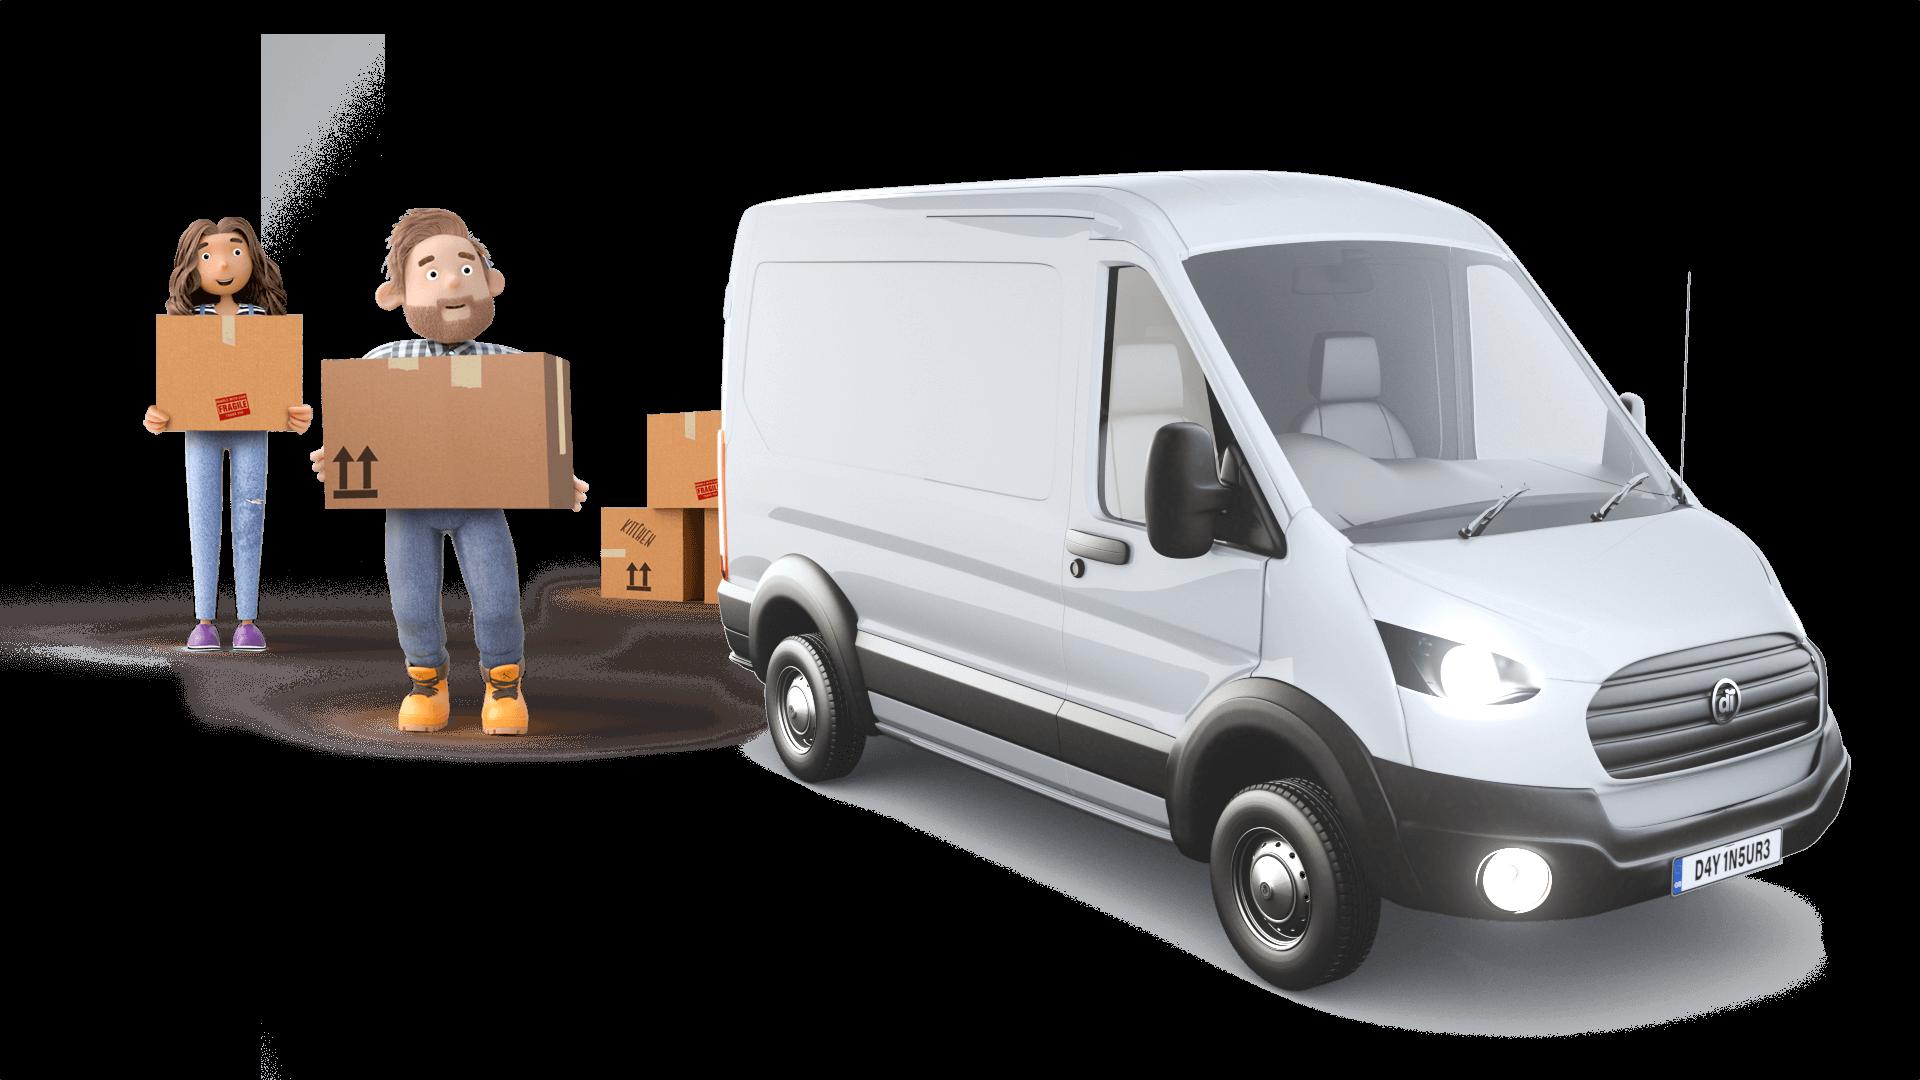 Dayinsure Dad and Daughter loading White Van